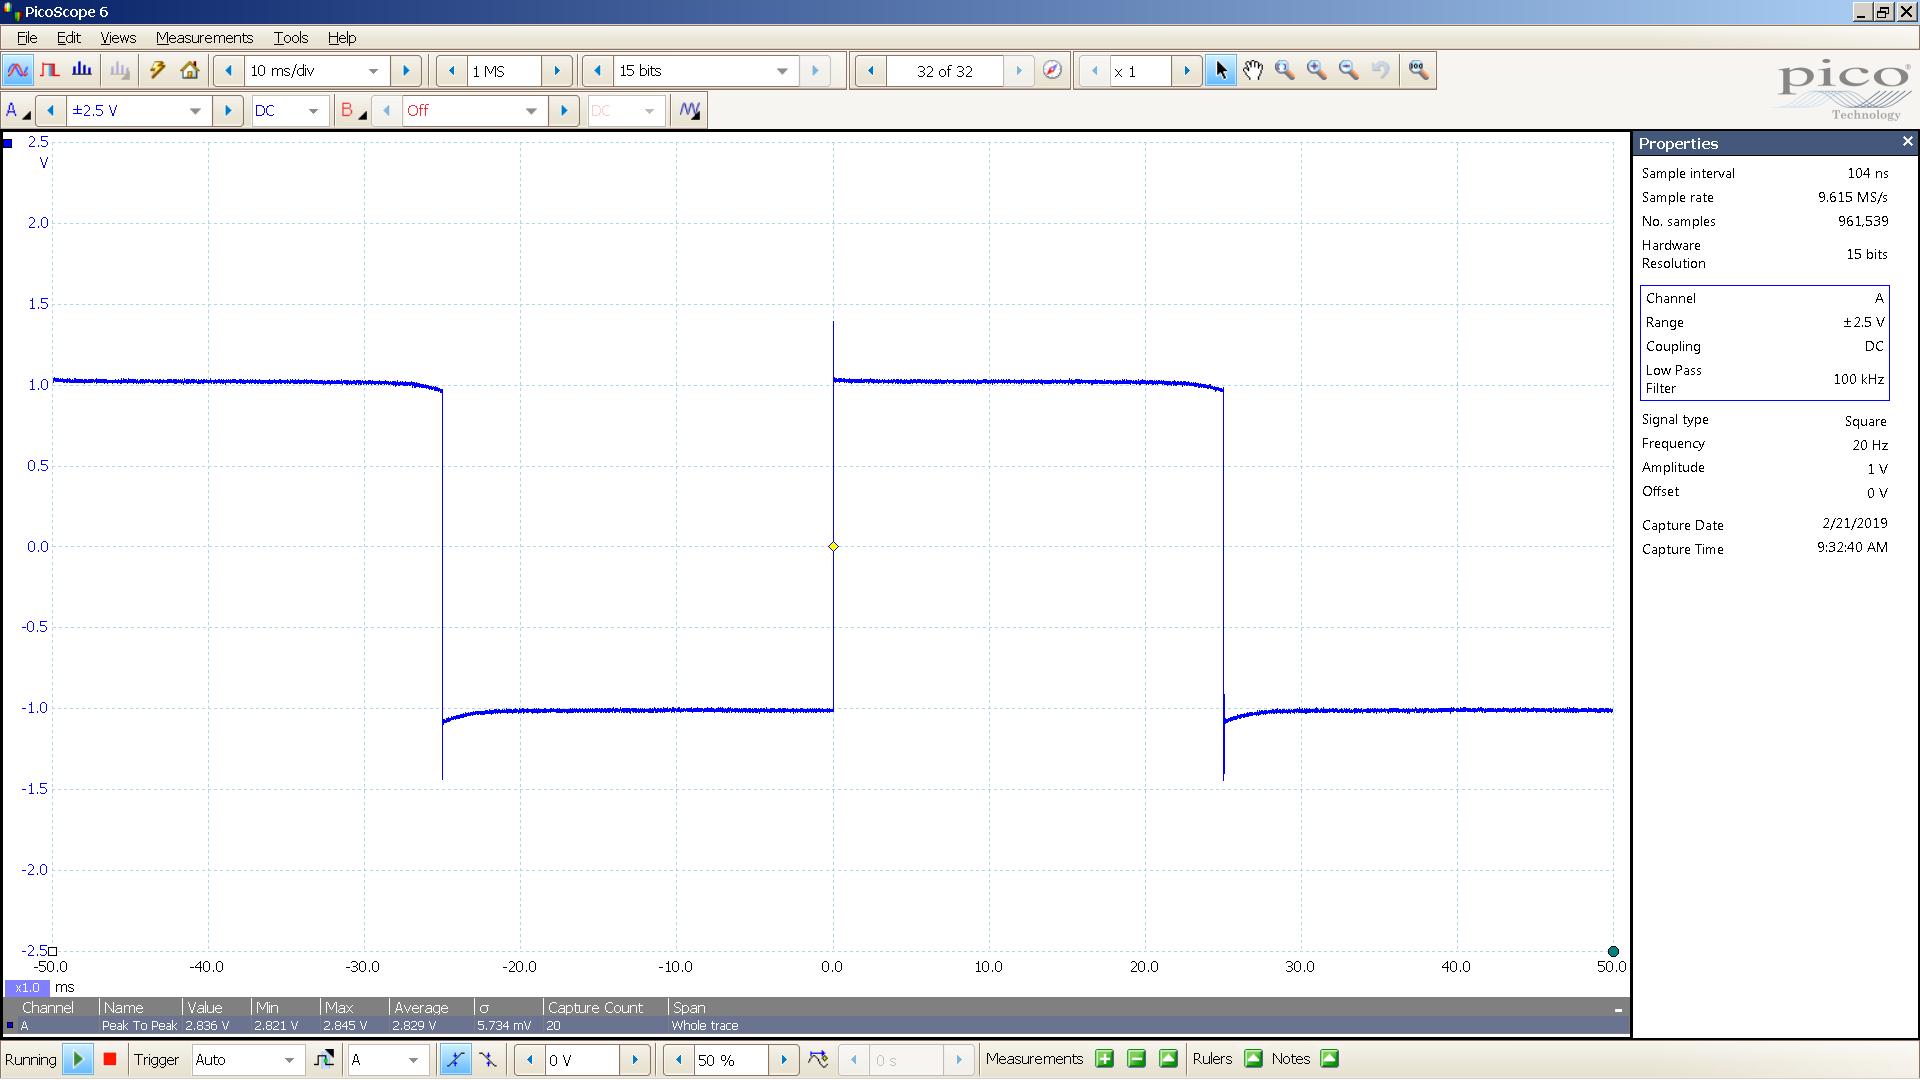 20190221 SigGen DSHA-3F 20 Hz square 2000mVpp 10mS div 100KHz filter 300R.png